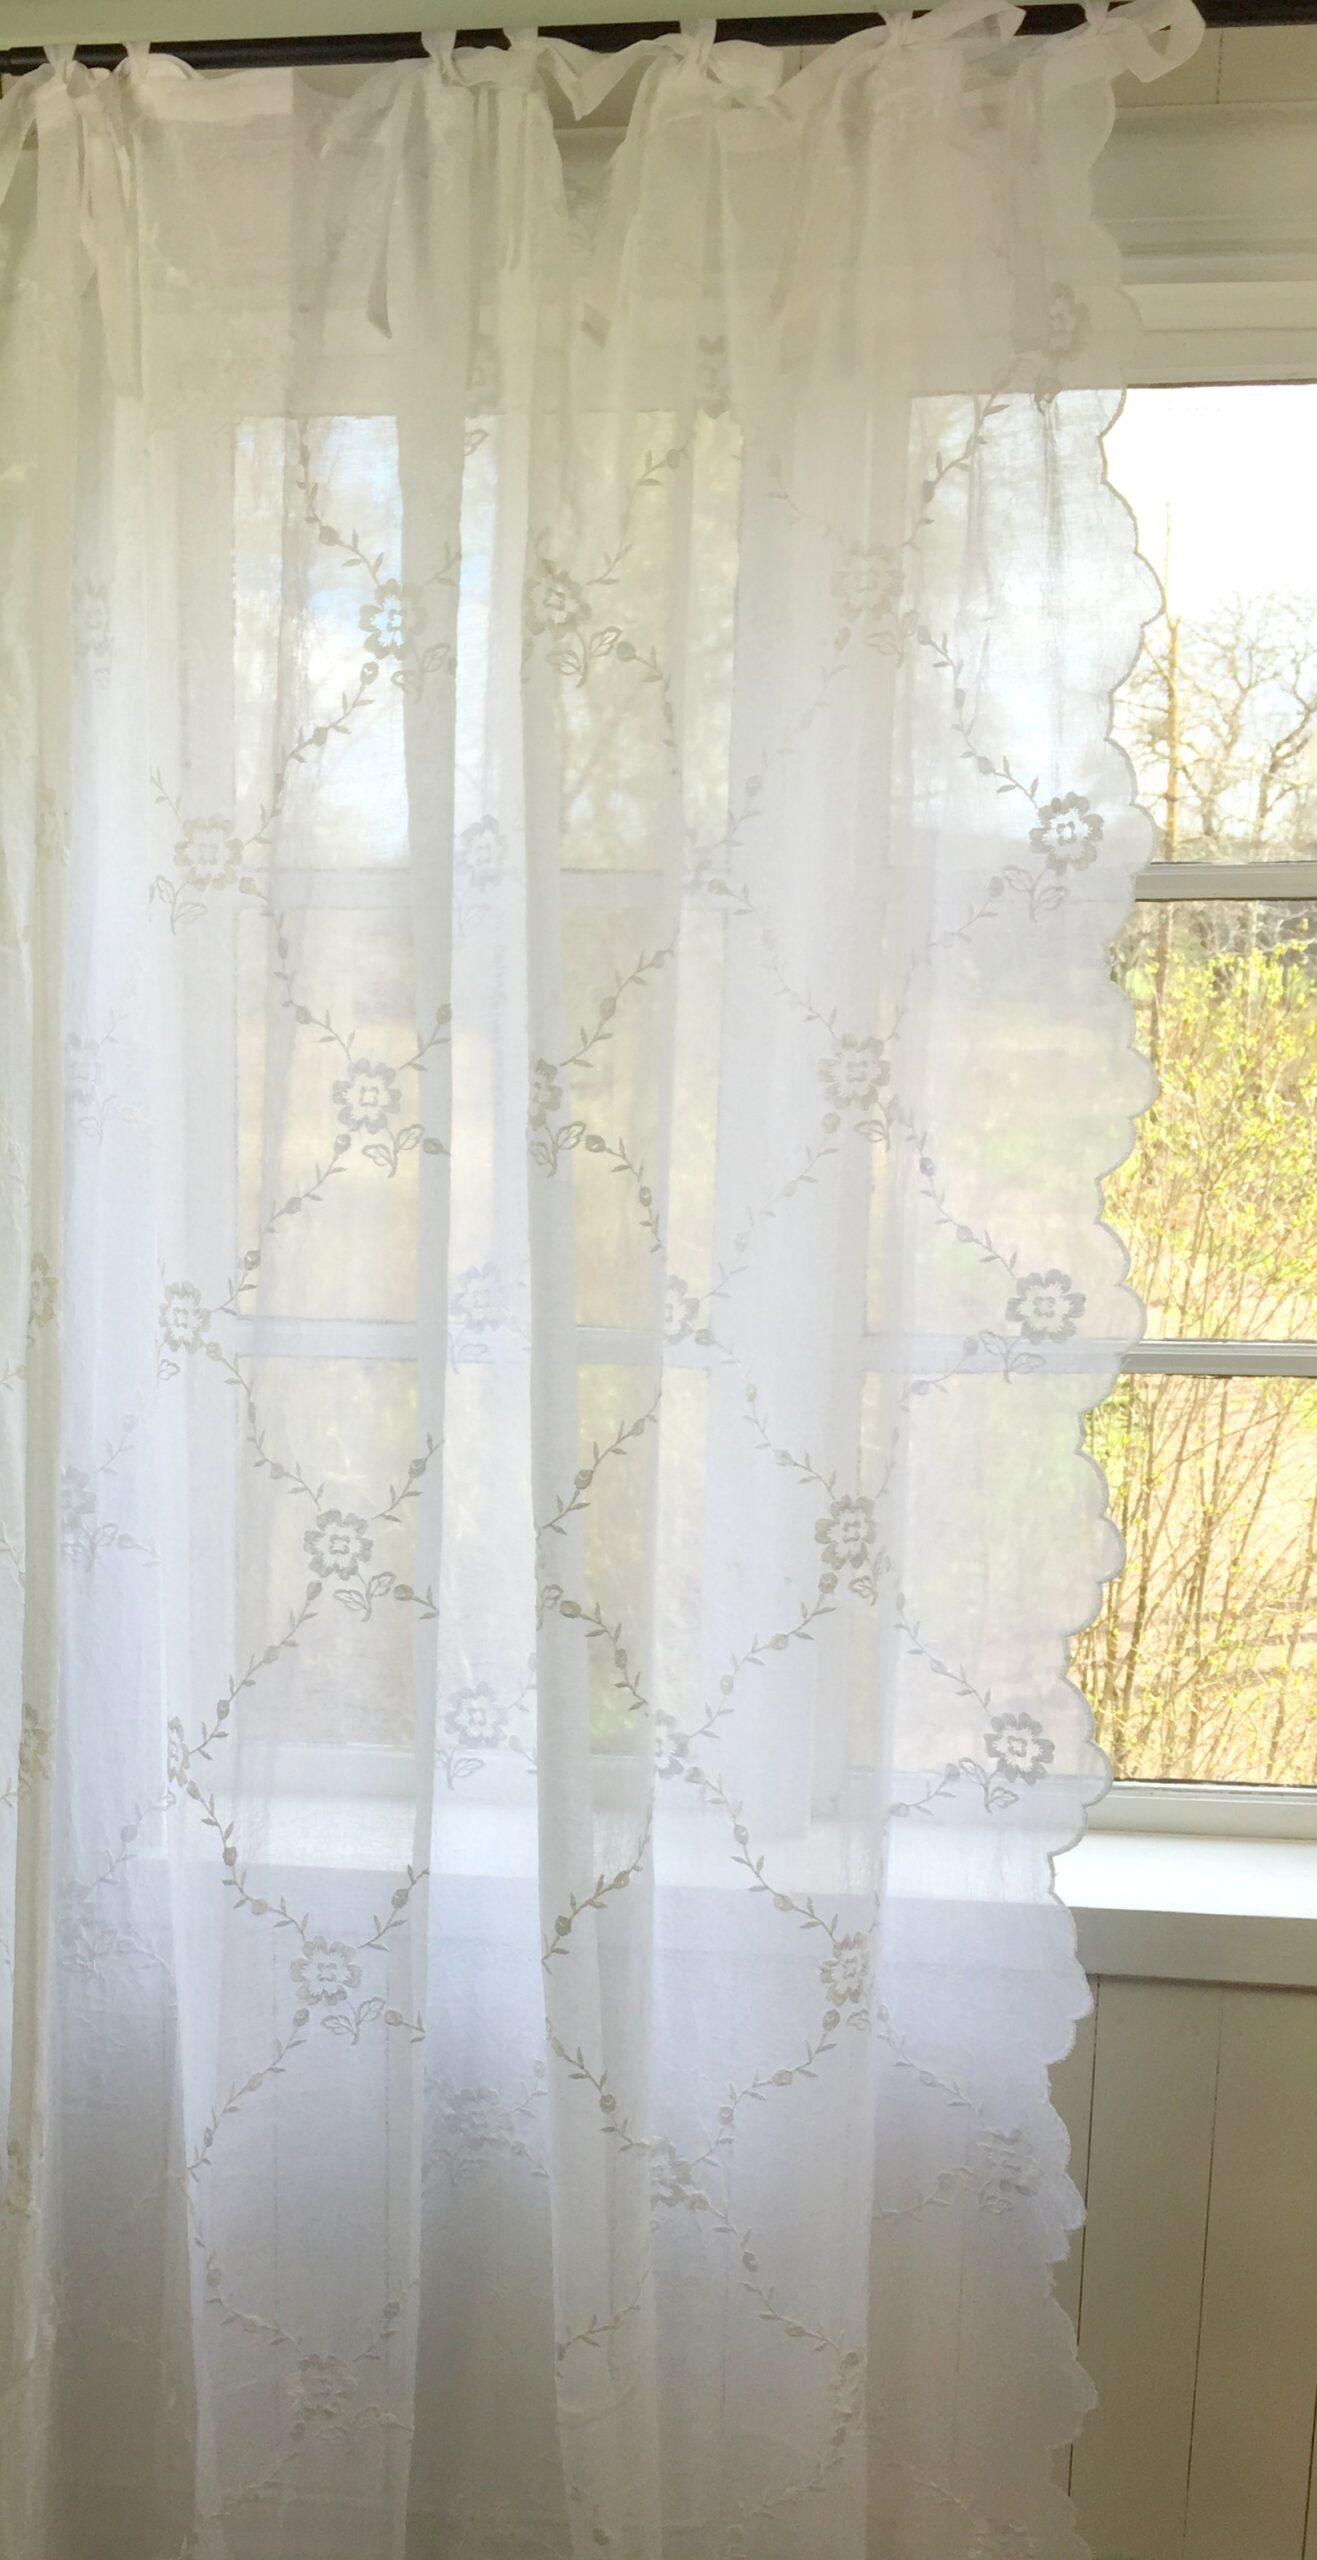 Full Size of Wei Gardinen Schal Chiara Bestickt 200x250 Cm Shabby Vintage Schlafzimmer Landhausstil Weiß Fenster Landhaus Küche Landhausküche Gebraucht Für Die Wohnzimmer Gardine Landhaus